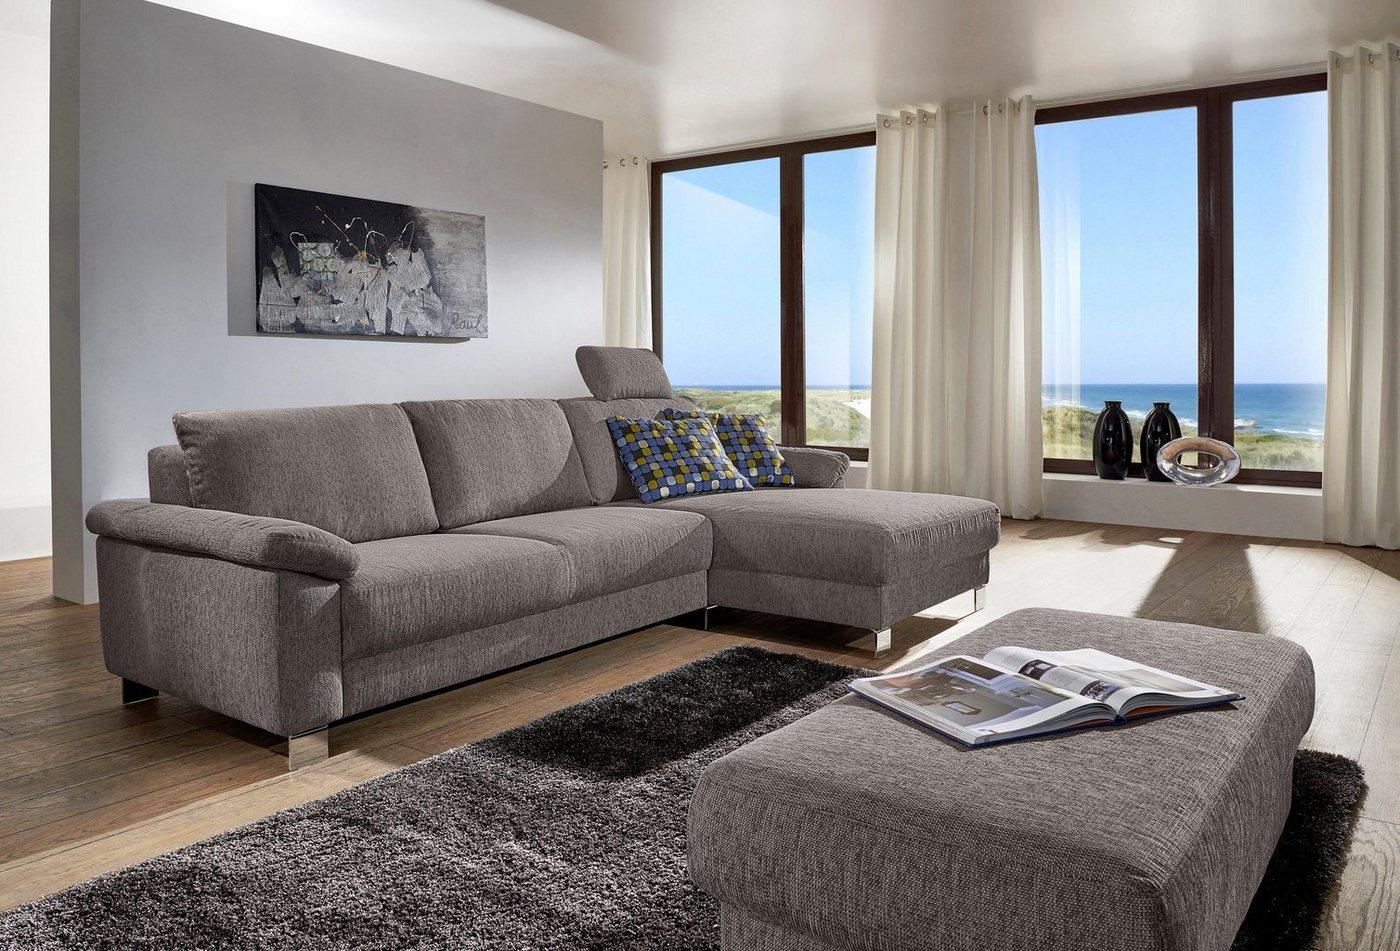 fm munzer polsterecke mit recamiere 603w mit abnehmbaren. Black Bedroom Furniture Sets. Home Design Ideas